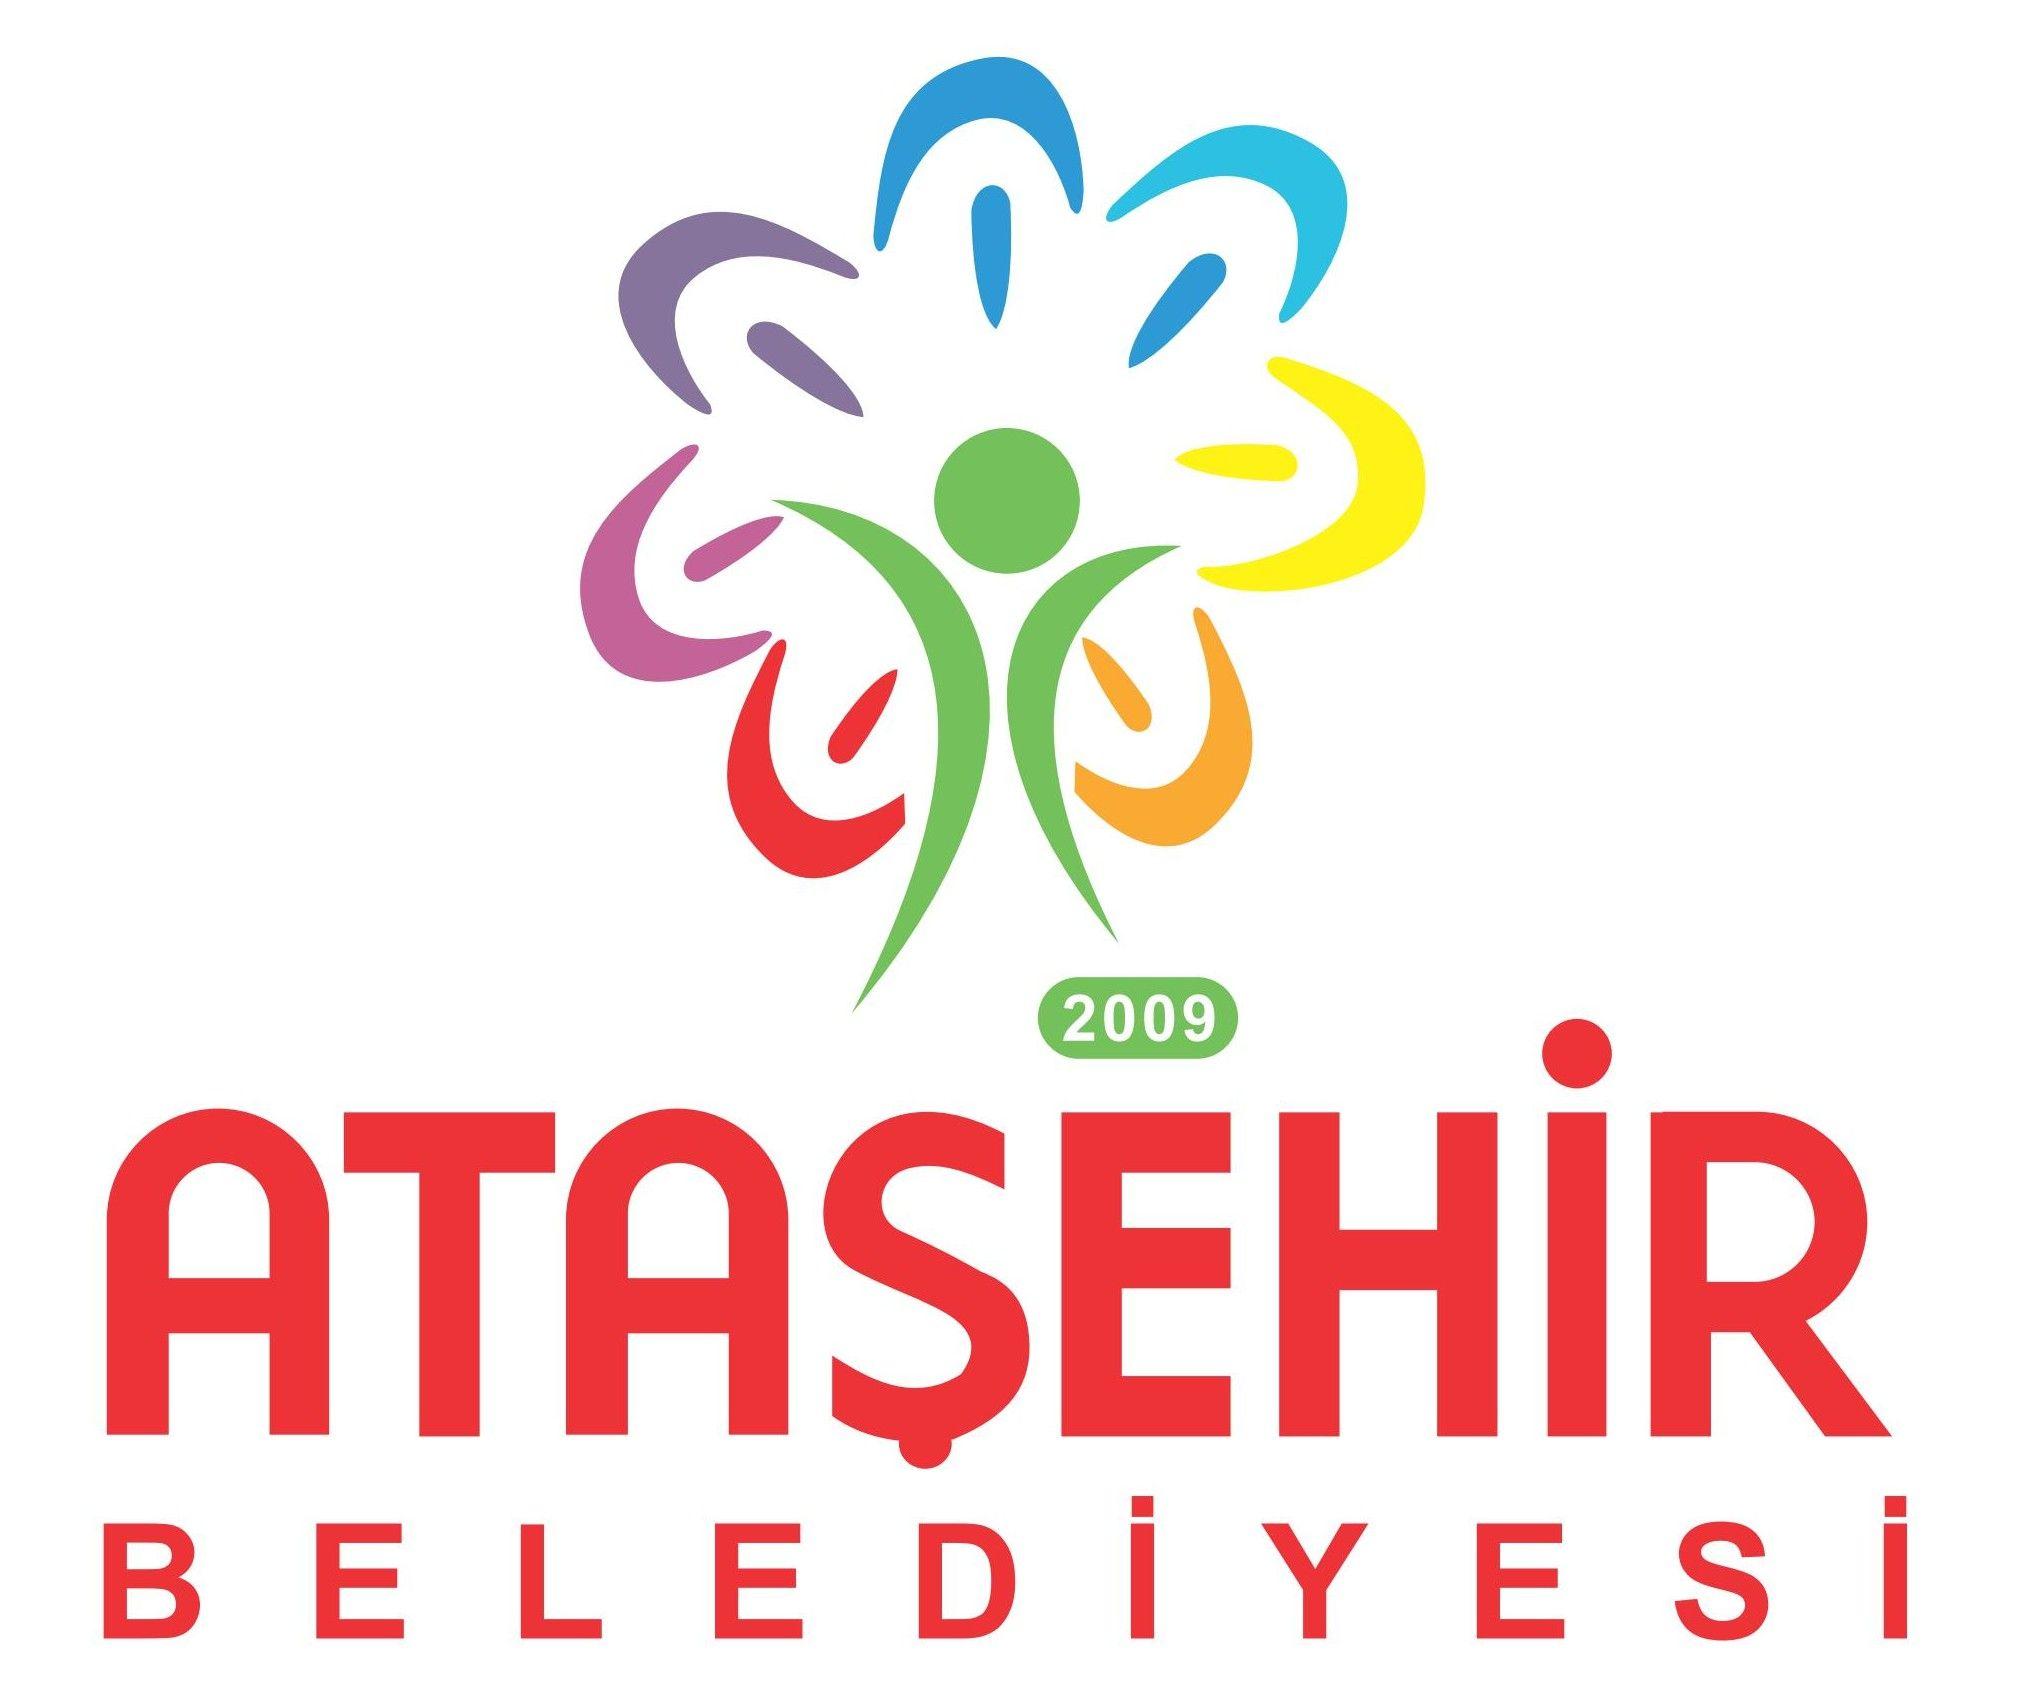 Ataşehir Belediyesi Logosu [PDF] Home decor decals